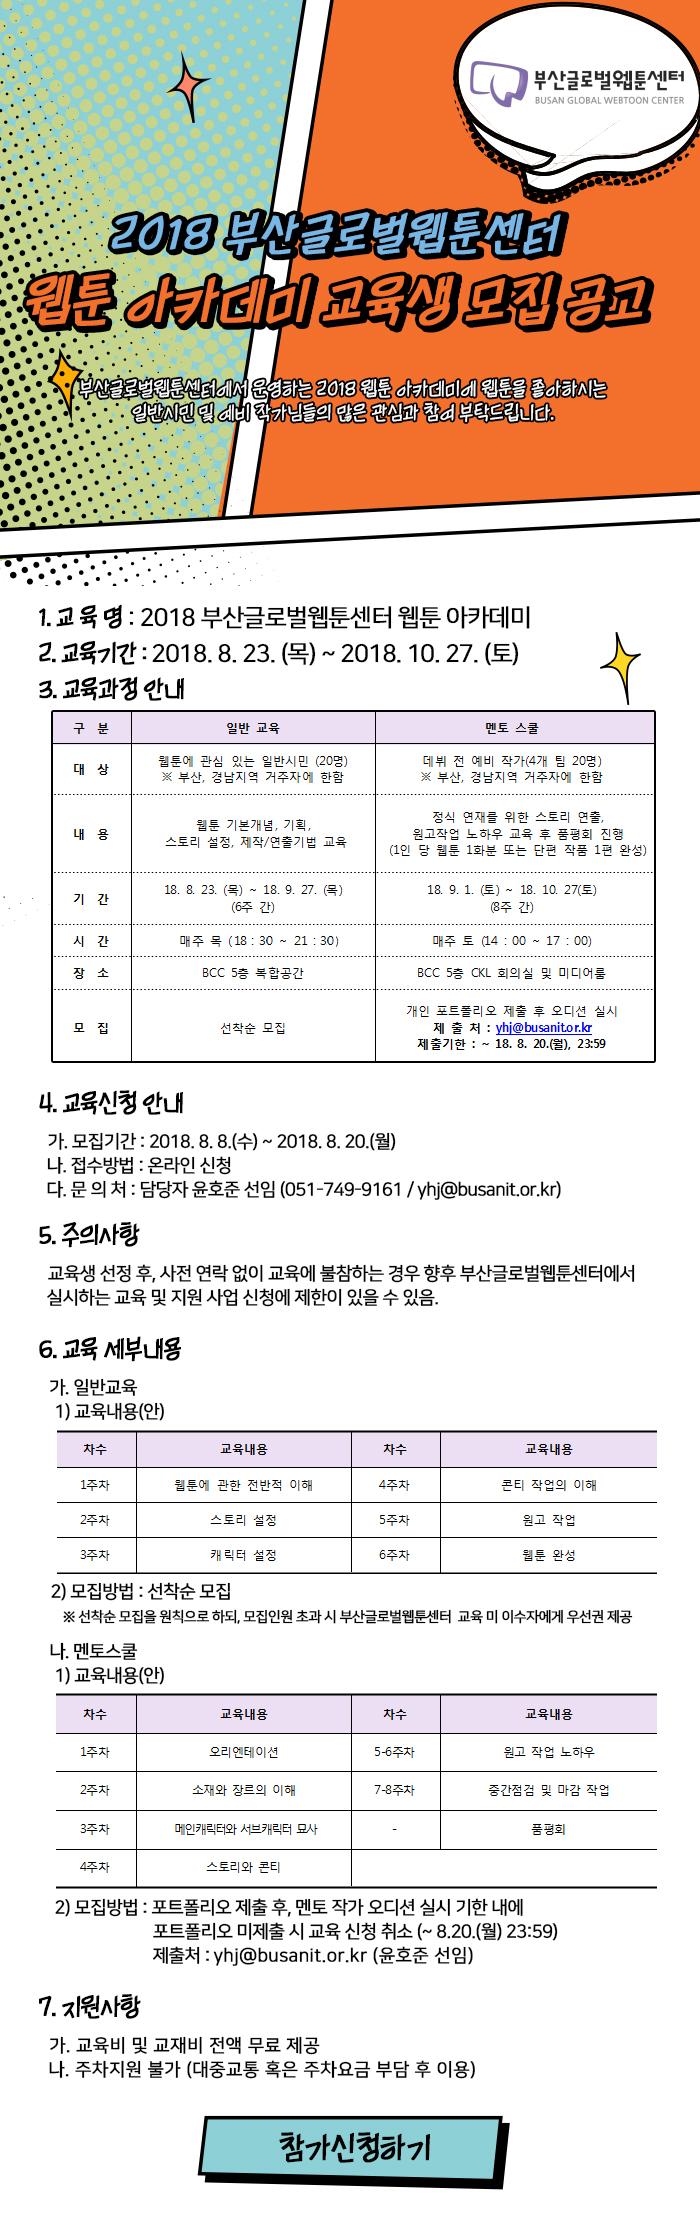 2018 부산글로벌웹툰센터 웹툰 아카데미 교육생 모집 공고